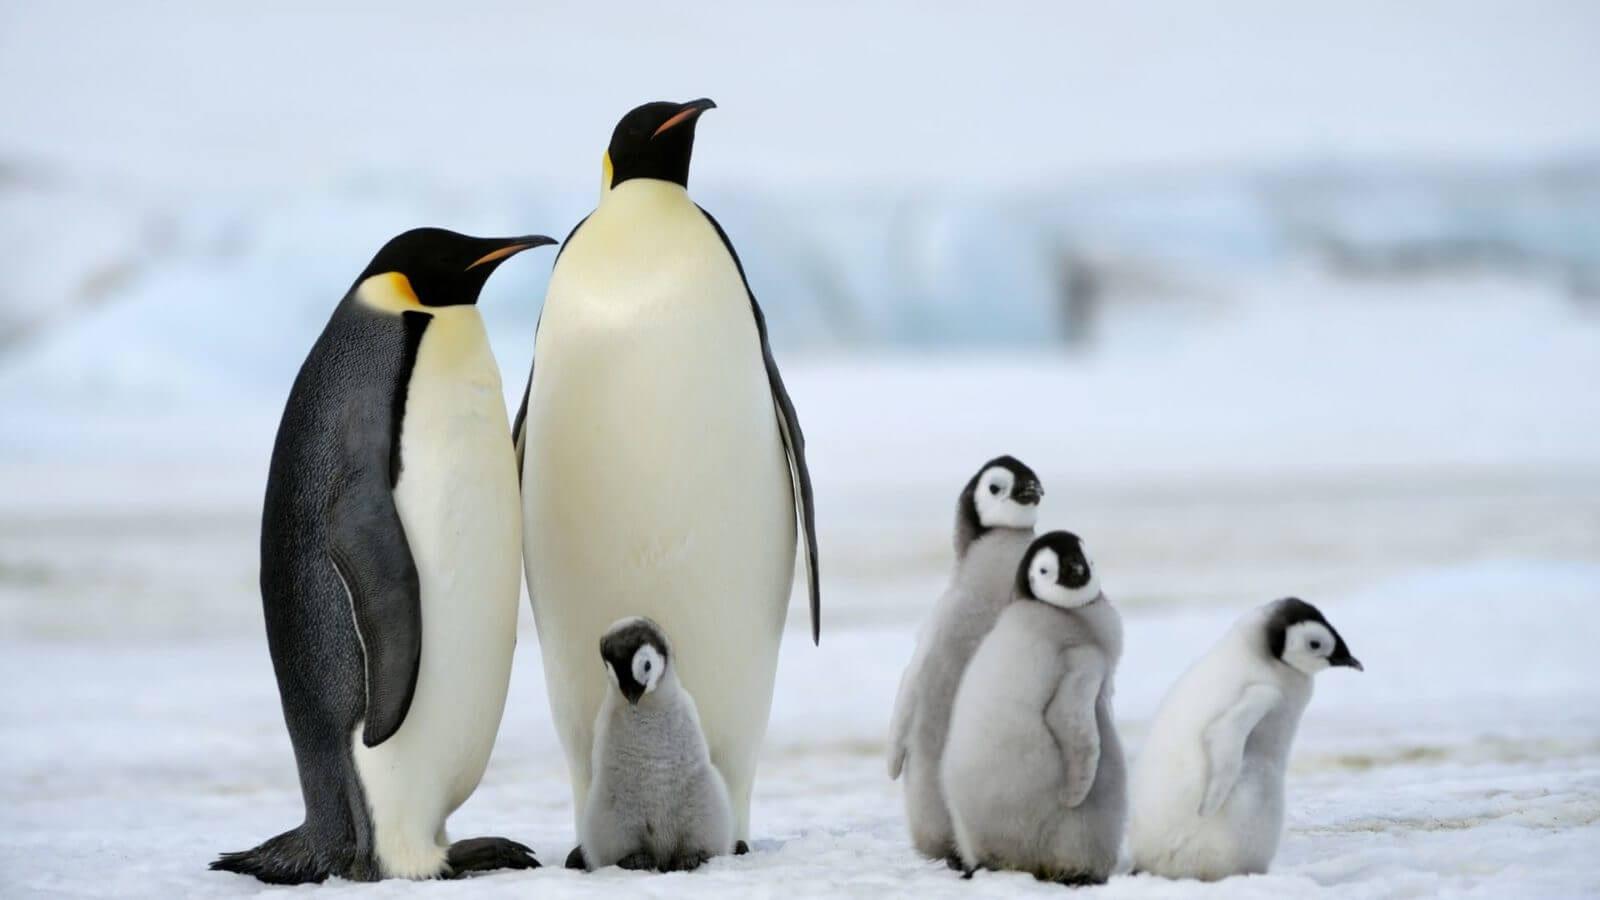 Pinguim - Caractéristicas, alimentação, reprodução e espécies principais